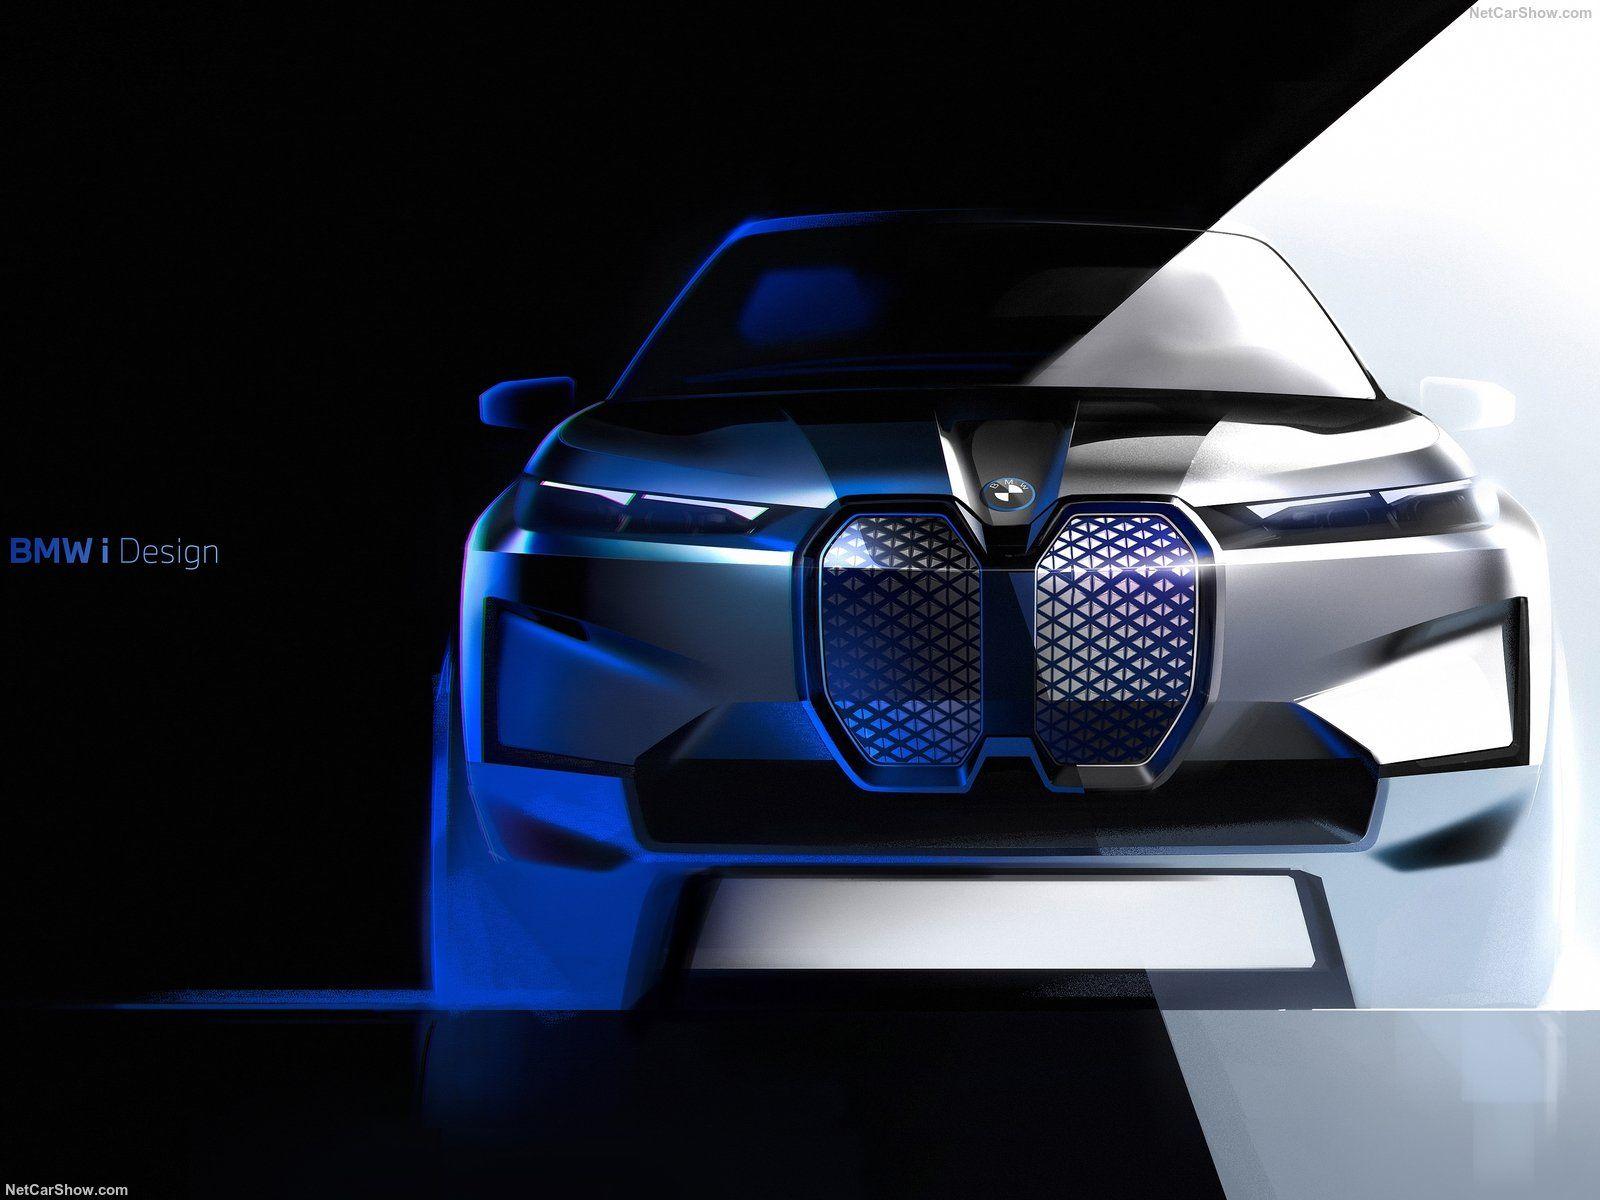 Bmw Ix In 2020 Bmw Design Bmw Car Design Sketch